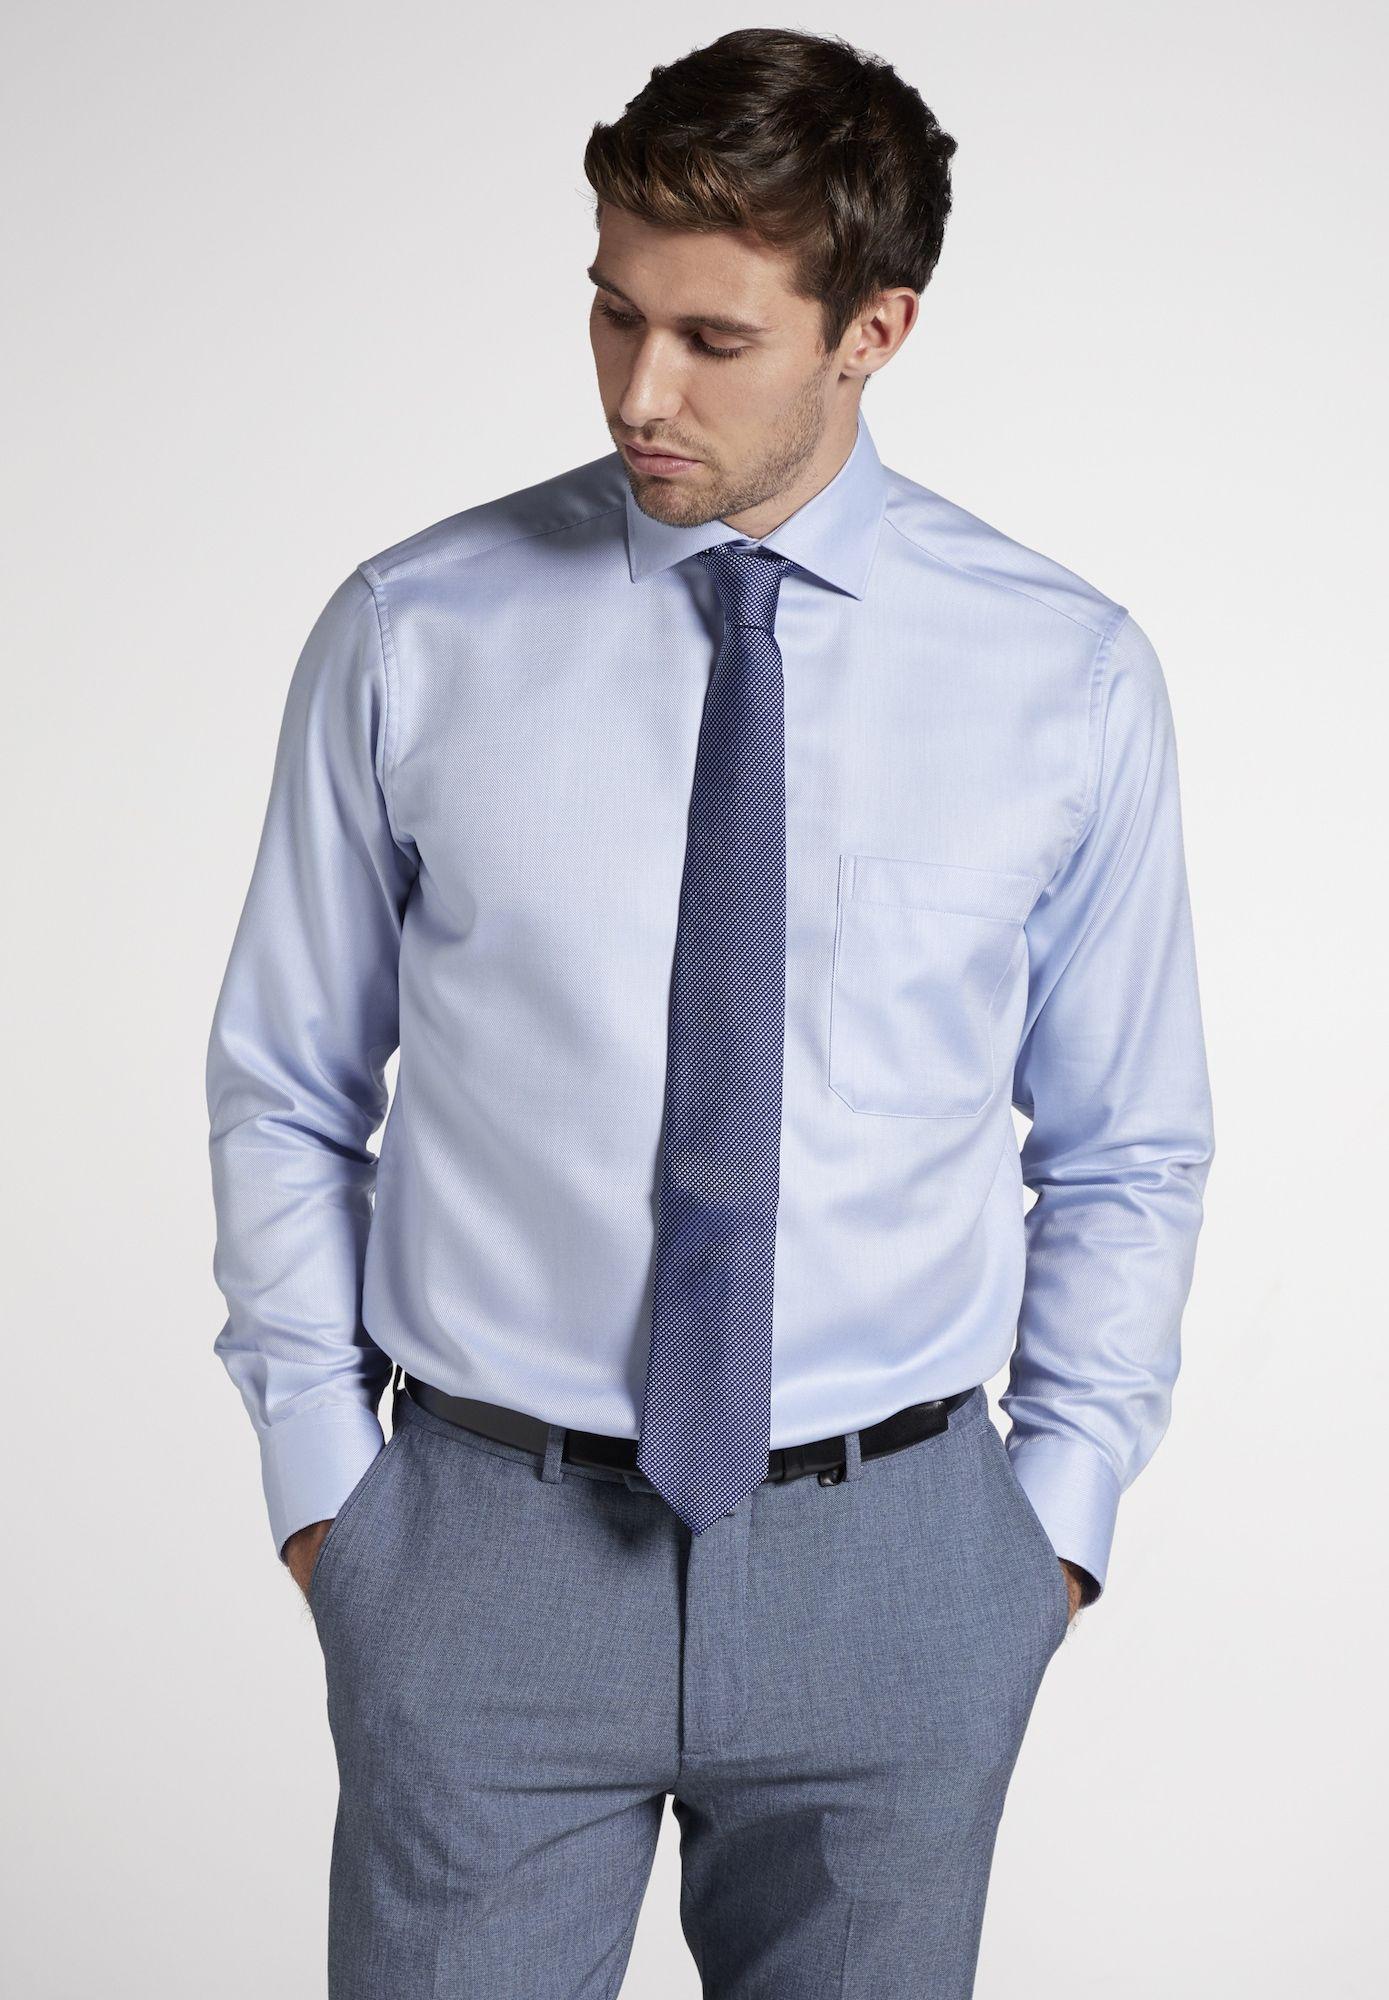 Eterna Hemd Herren Hellblau Grosse 40 Hemd Anzug Und Krawatte Hemd Mit Krawatte